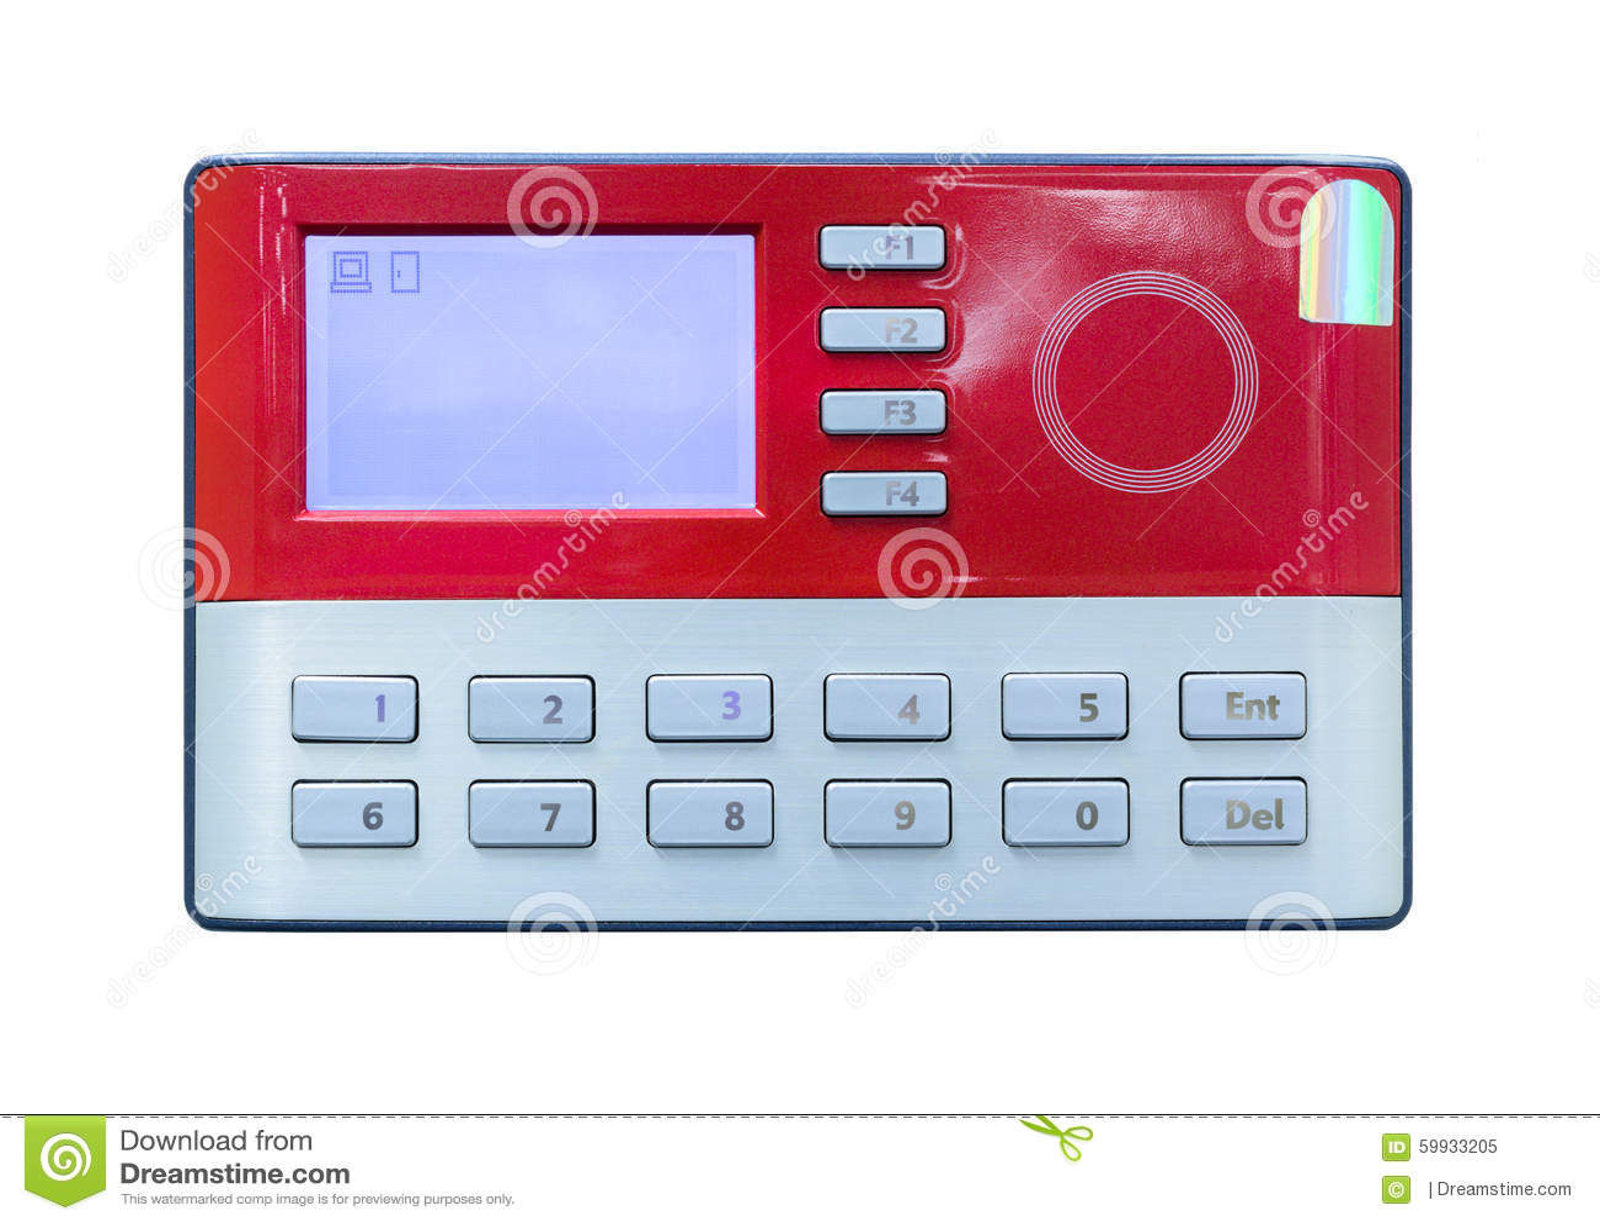 Kartenscan auf Zugriffskontrolle